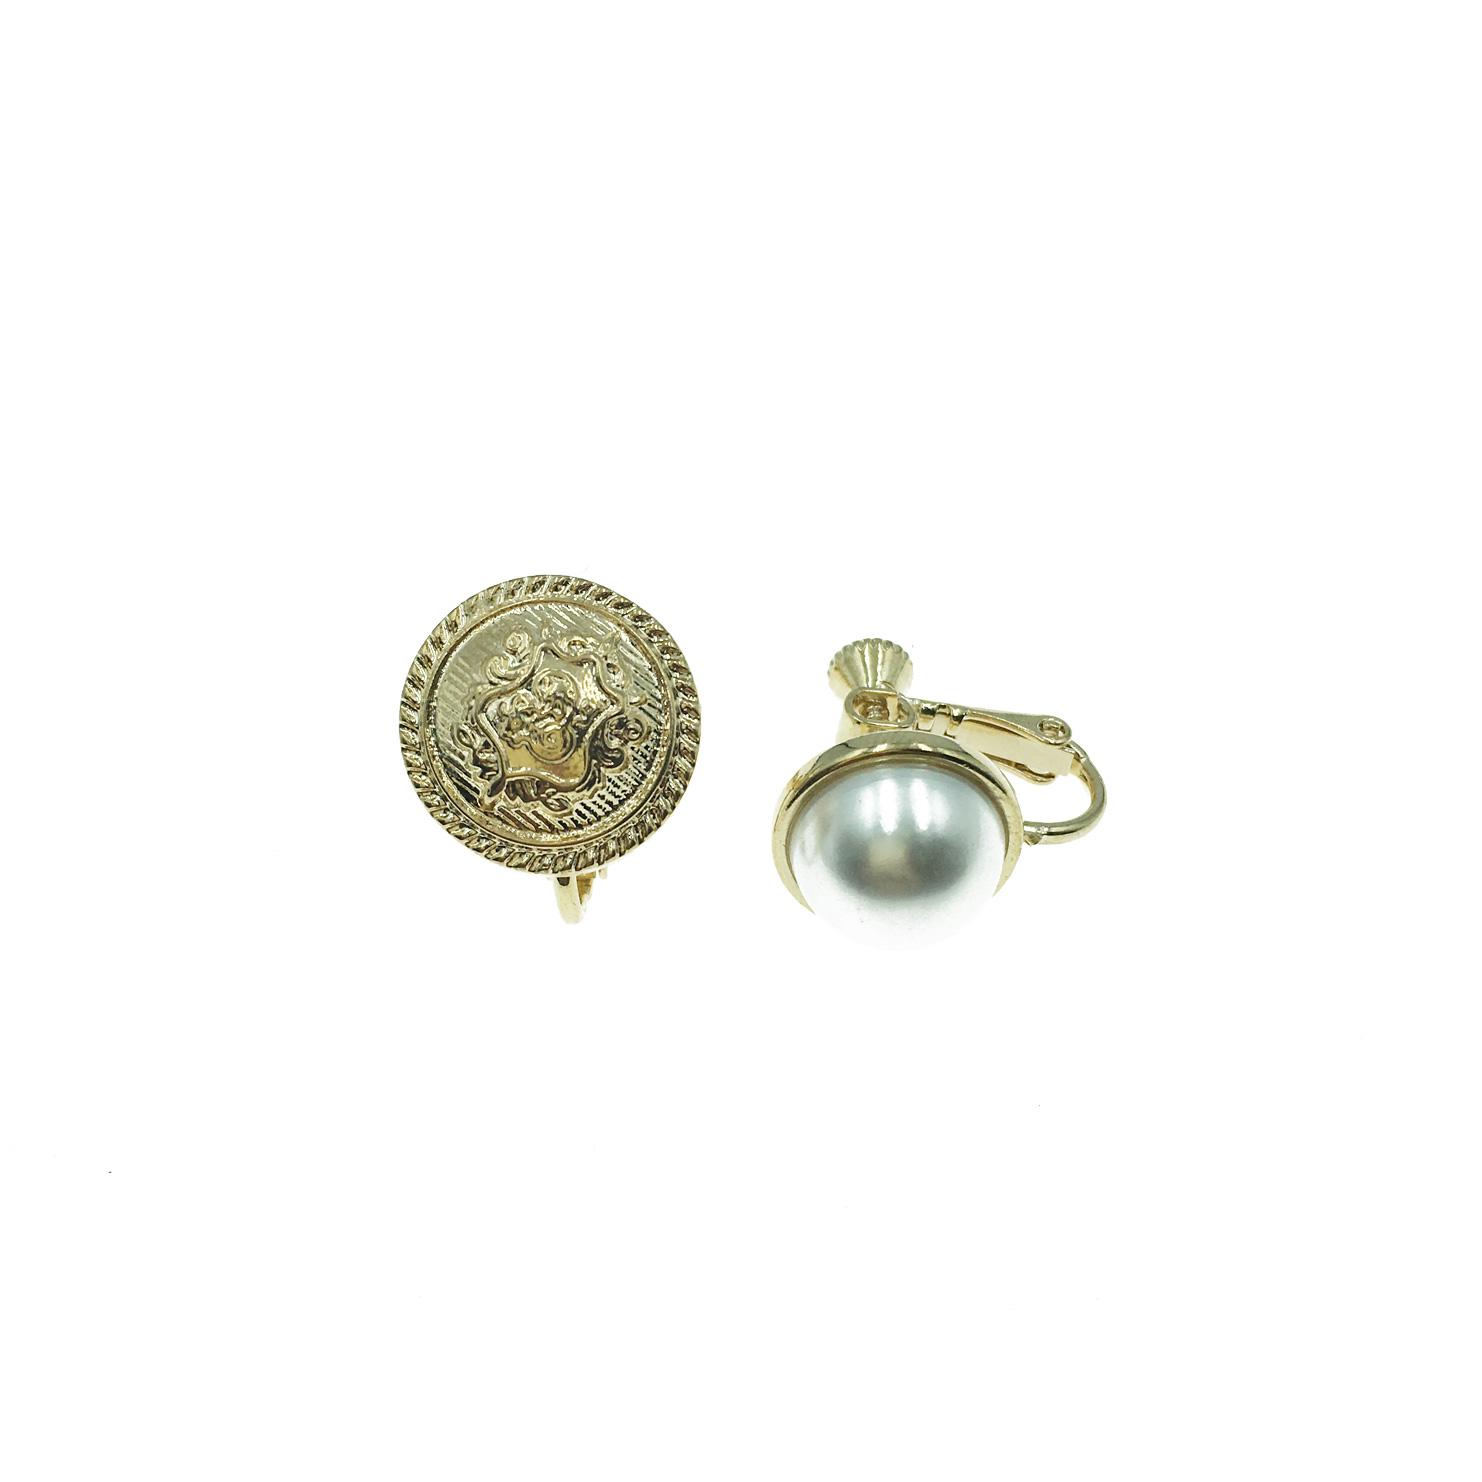 韓國 鈕扣 珍珠 金色 不對稱 貴婦 歐美 夾式耳環